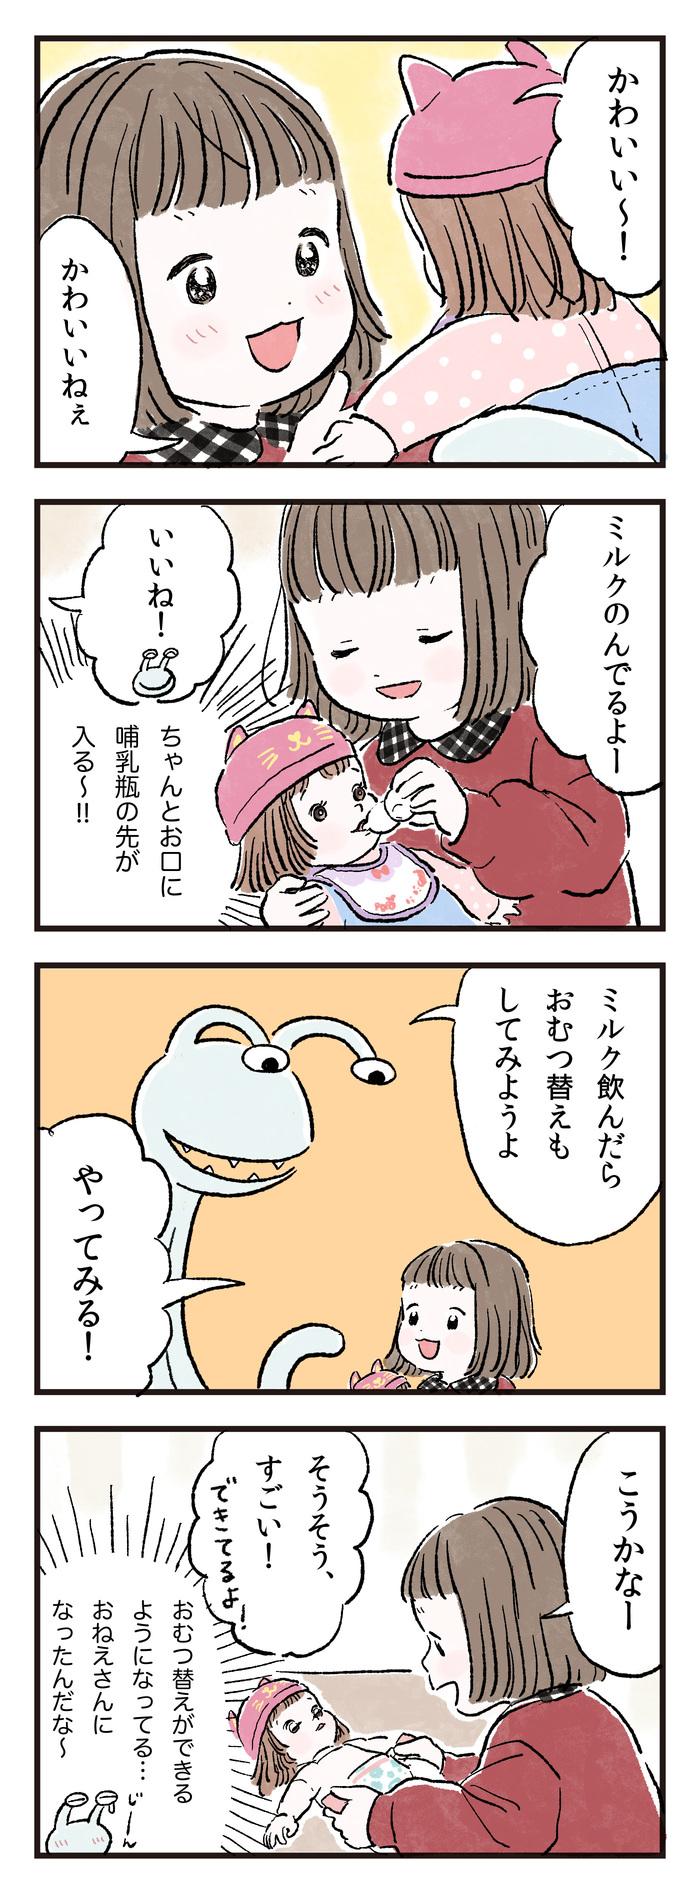 遊びながら成長する姿が愛おしい!「ぽぽちゃん」と3人のおねえさんのお話。の画像5